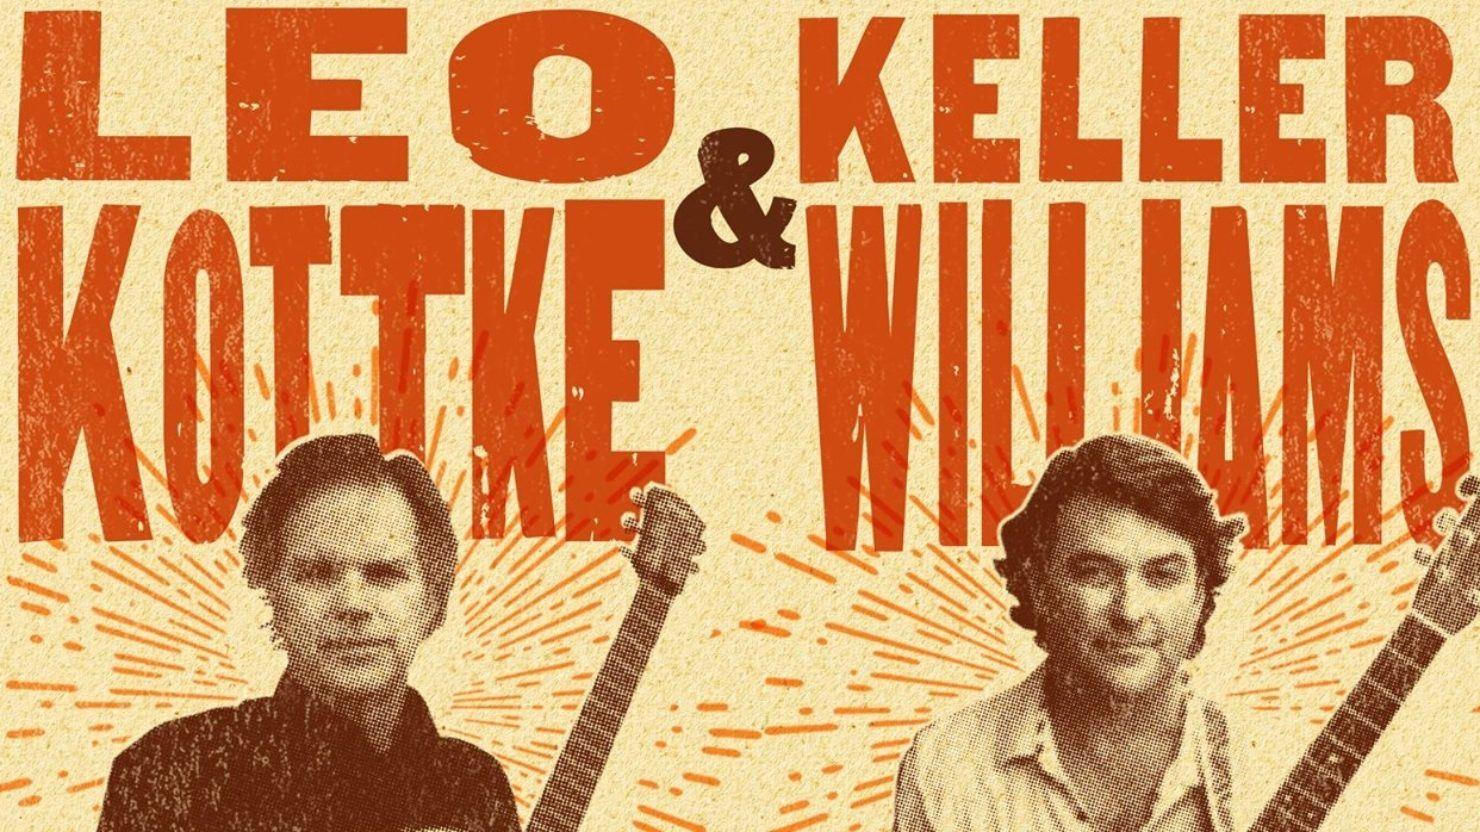 Leo Kattke & Keller Williams